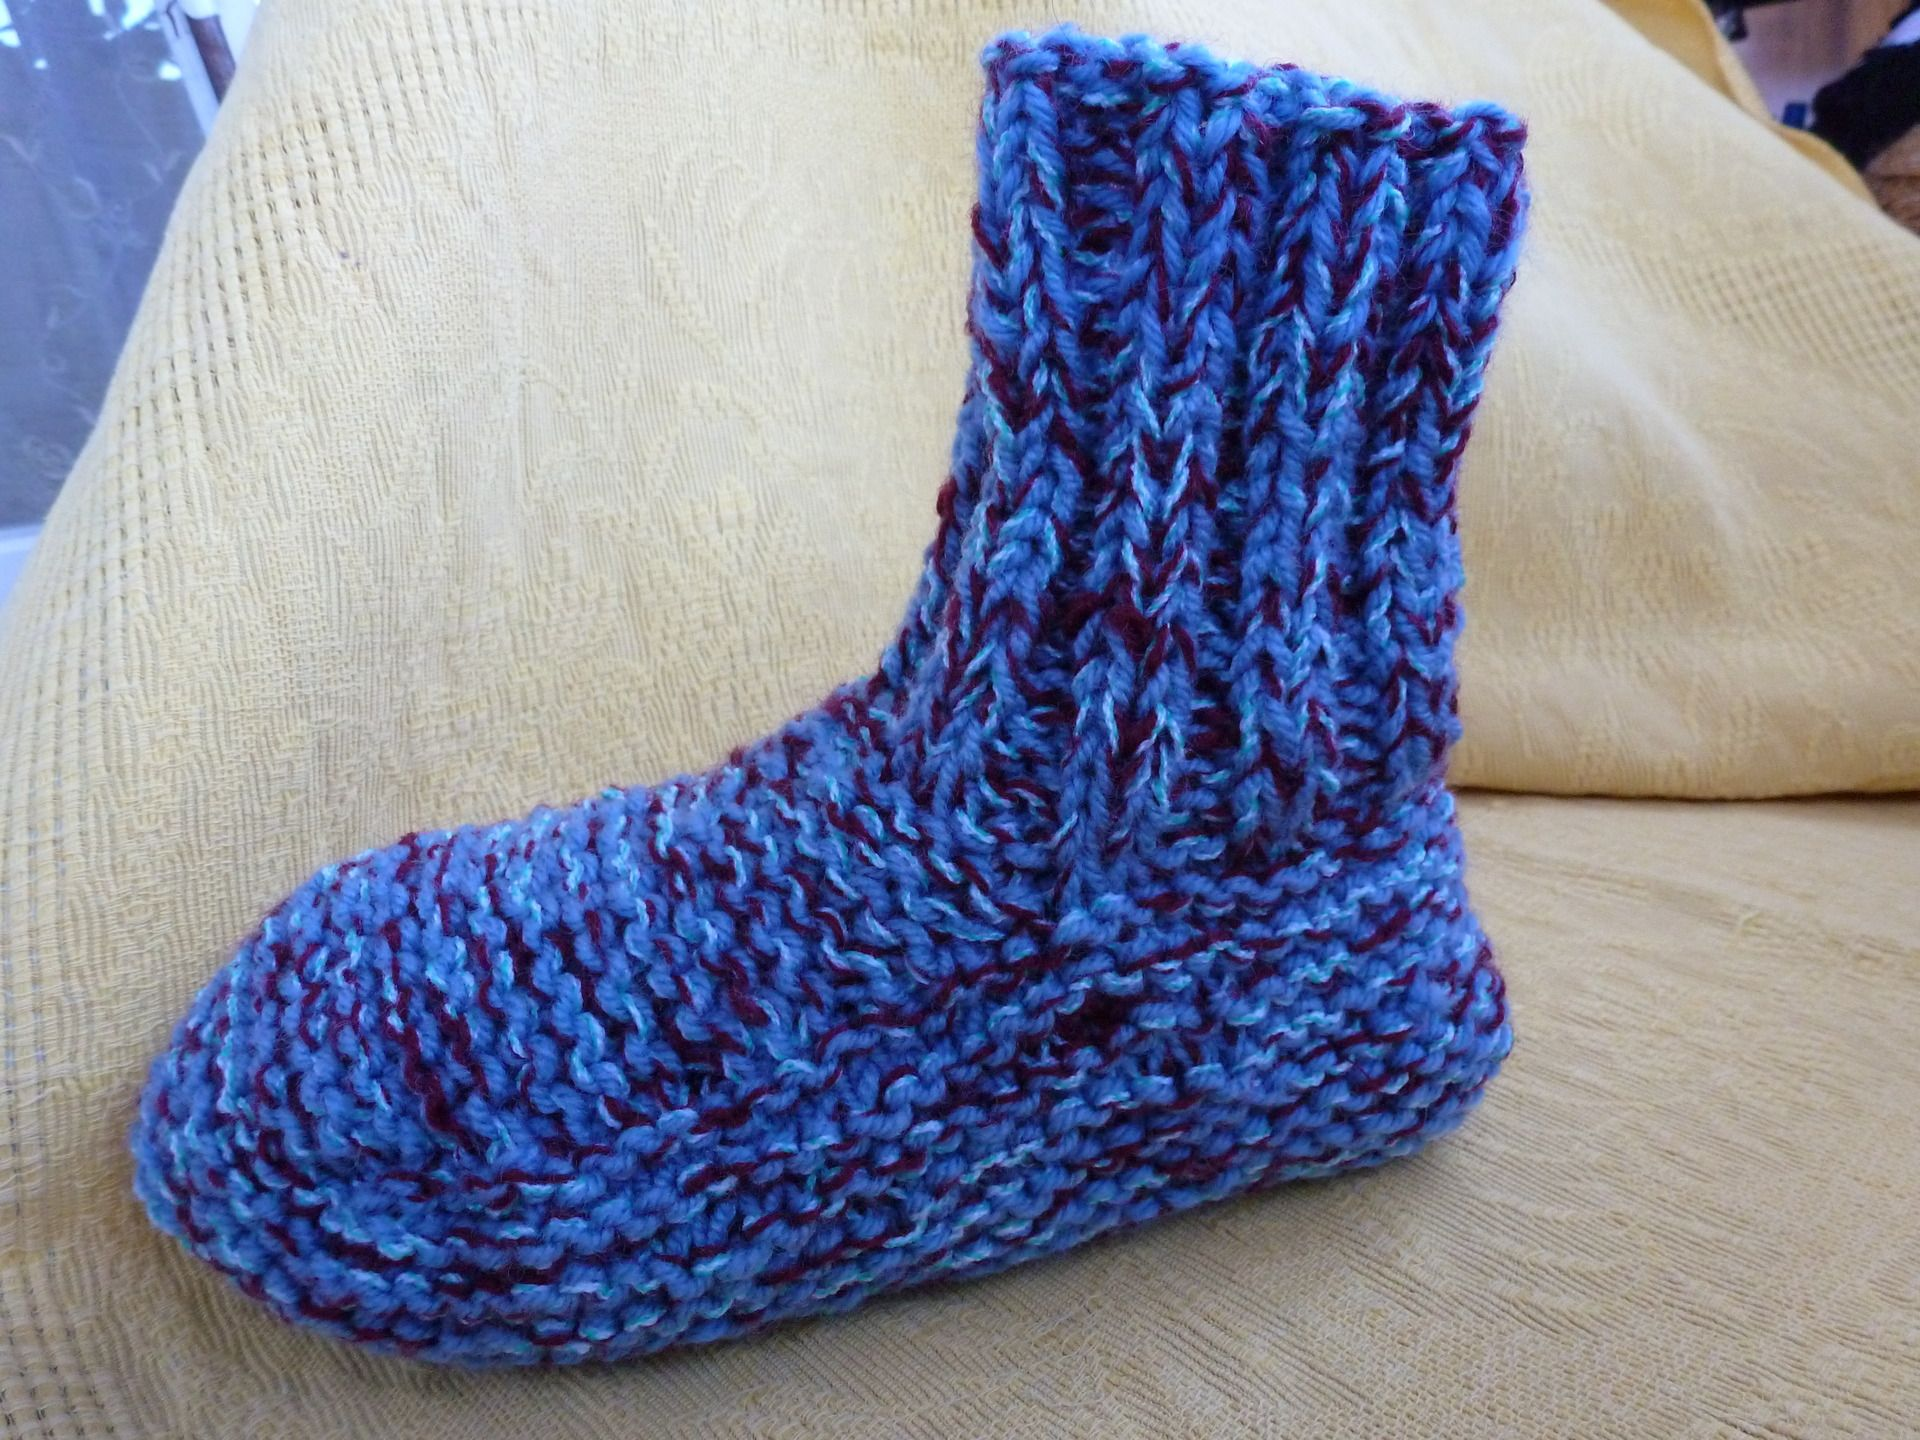 cbda7033fac49 comment tricoter des chaussons adulte femme